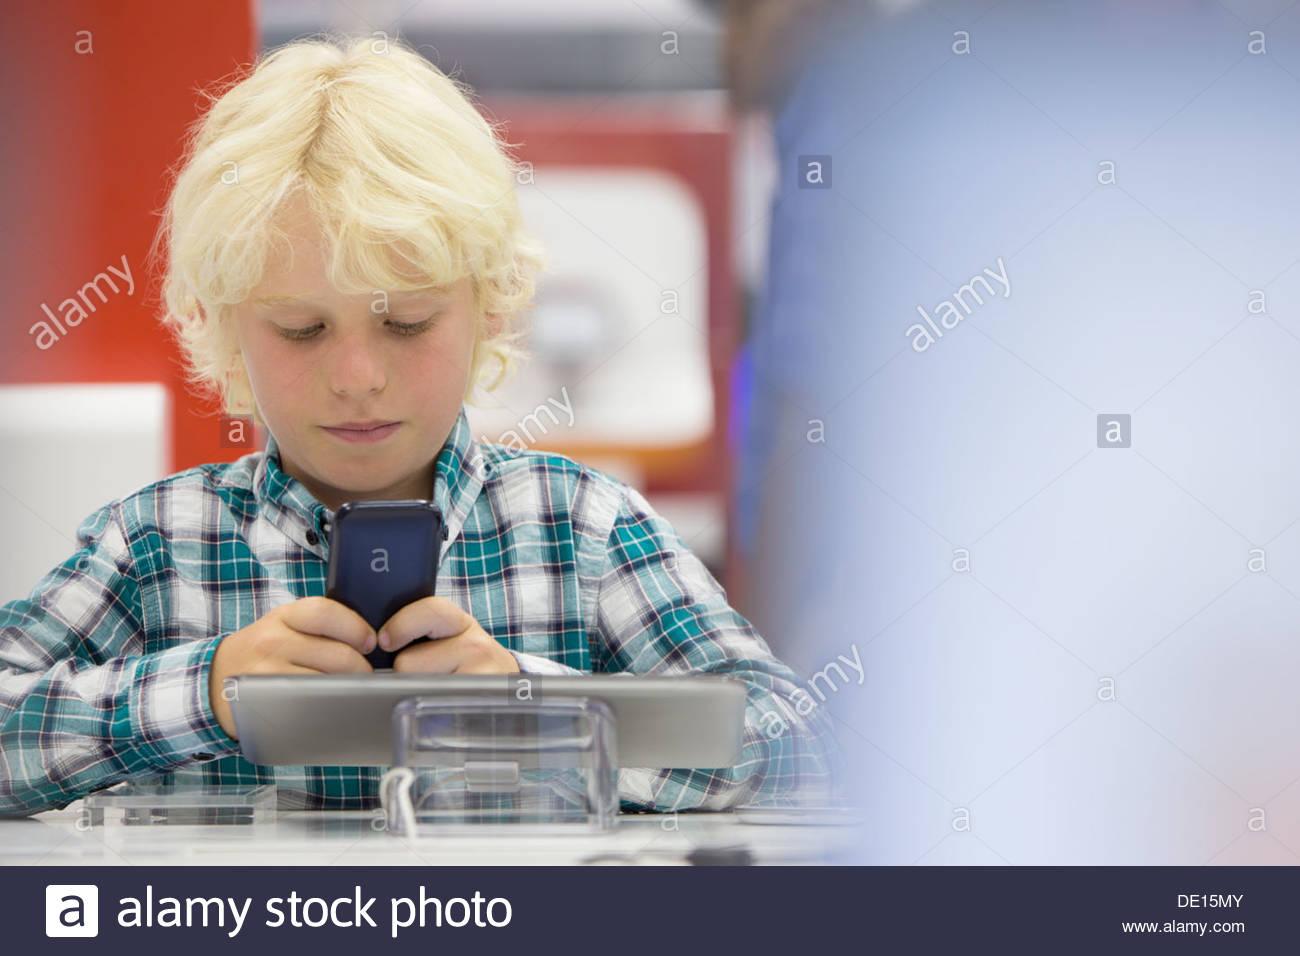 Chico mirando al teléfono celular en la tienda de electrónica Imagen De Stock